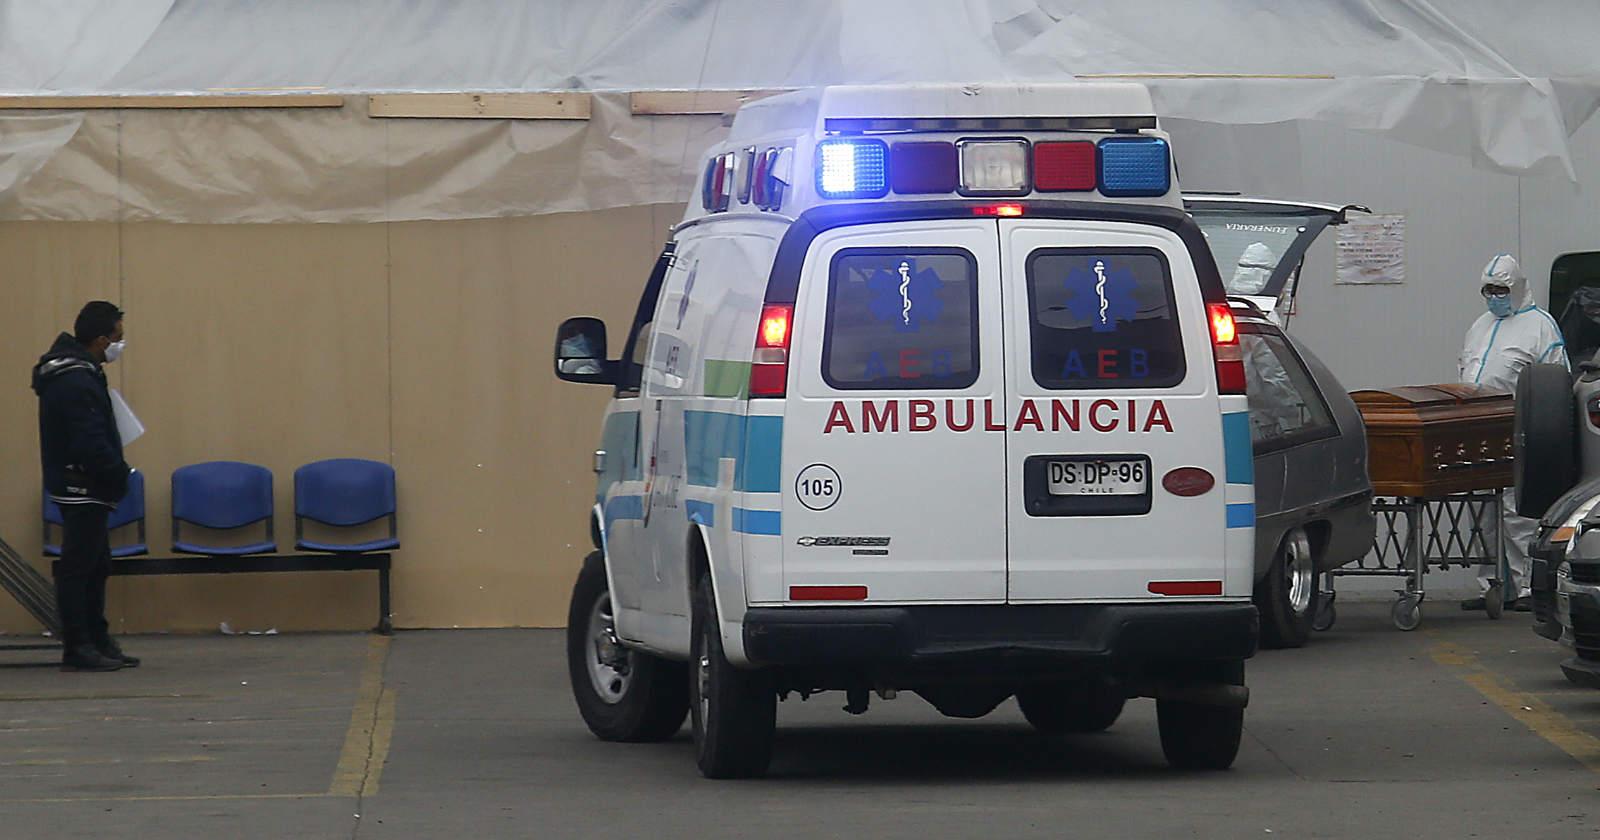 Confusam confirma la muerte de octavo trabajador de la atención primaria